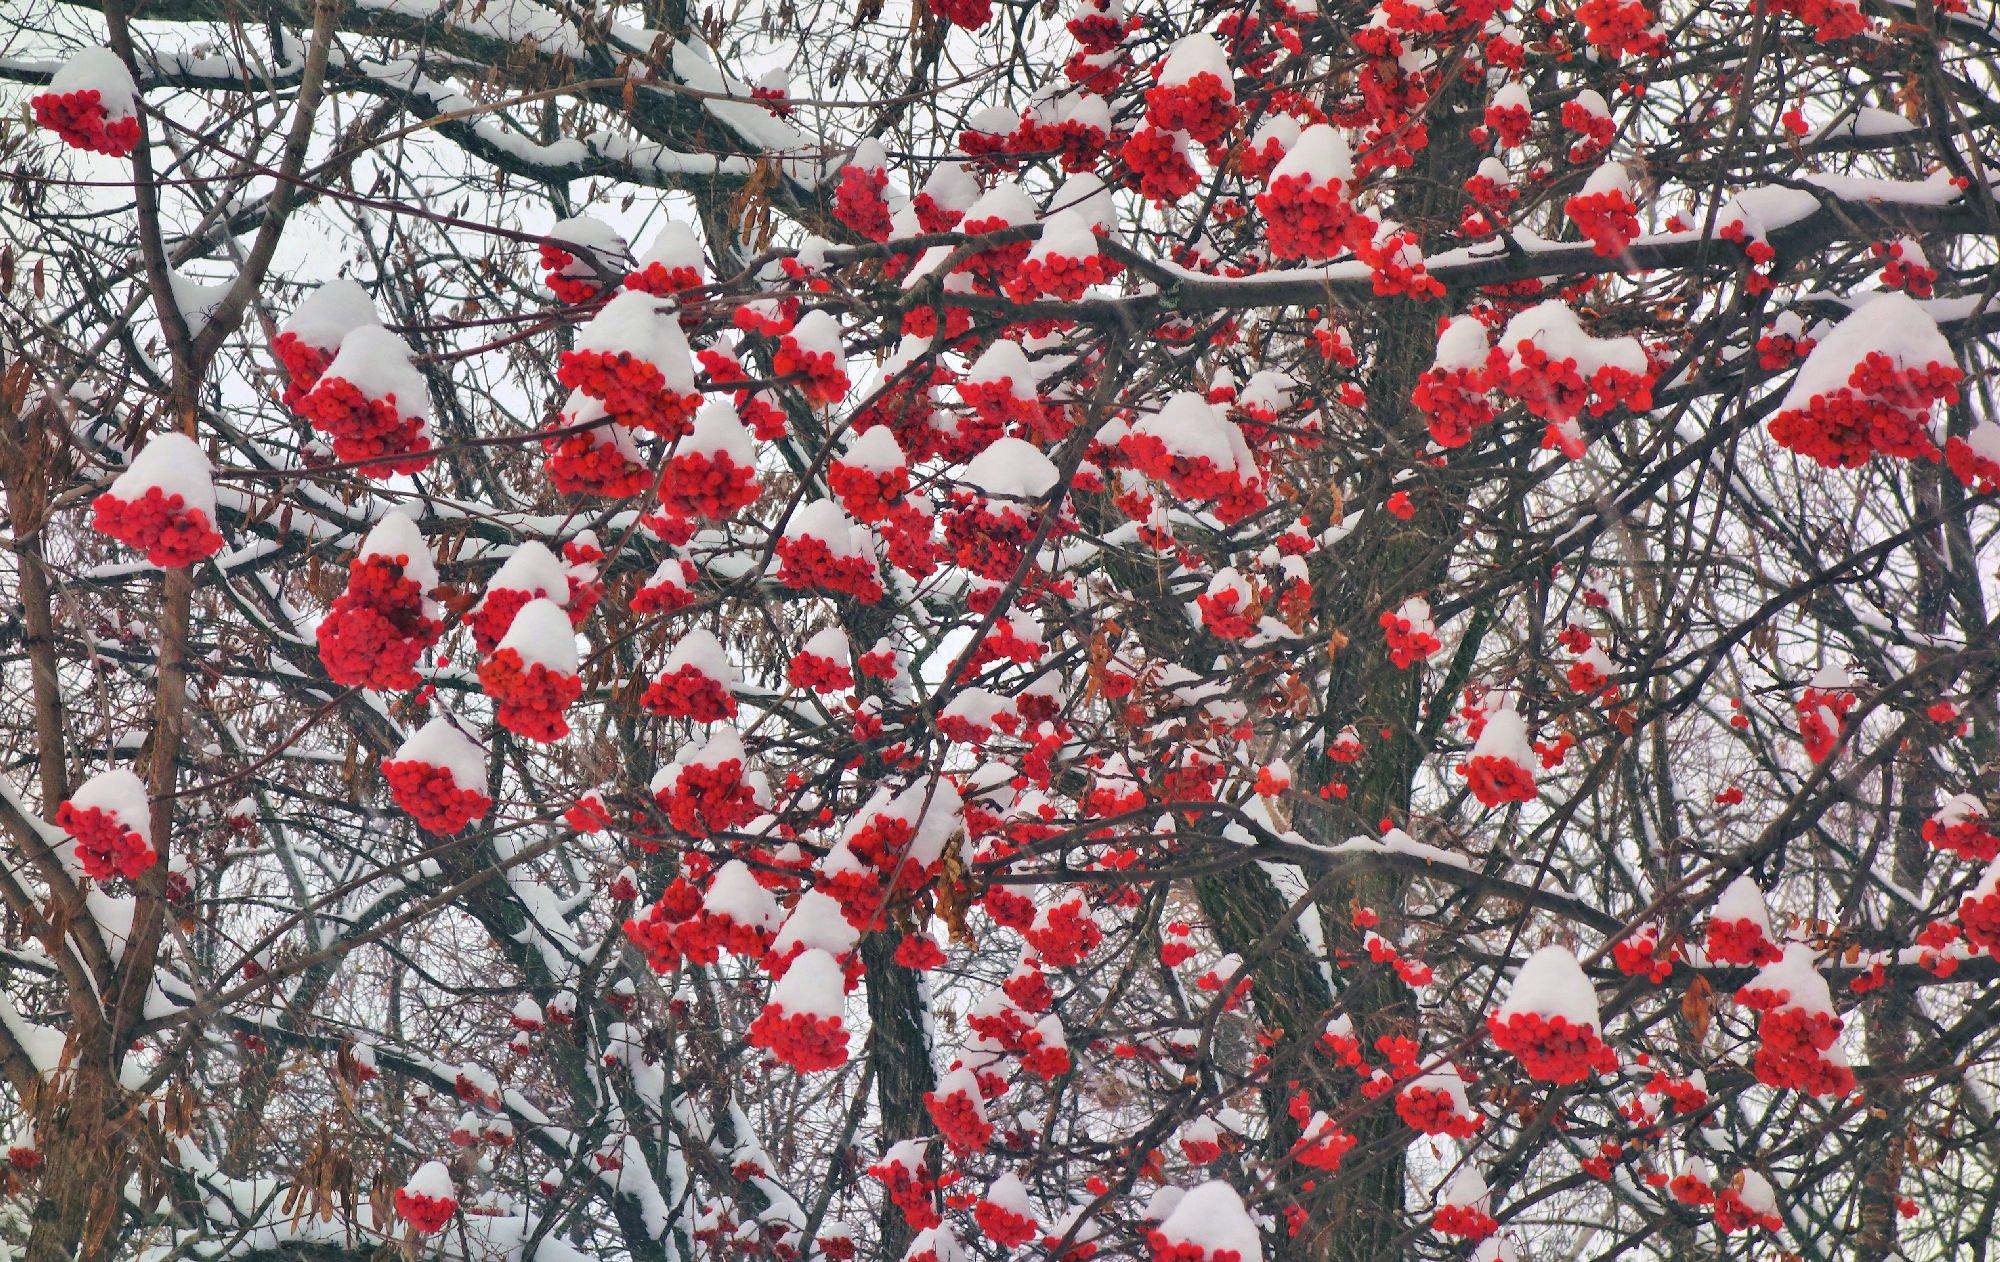 дерево рябины в снегу картинки упал